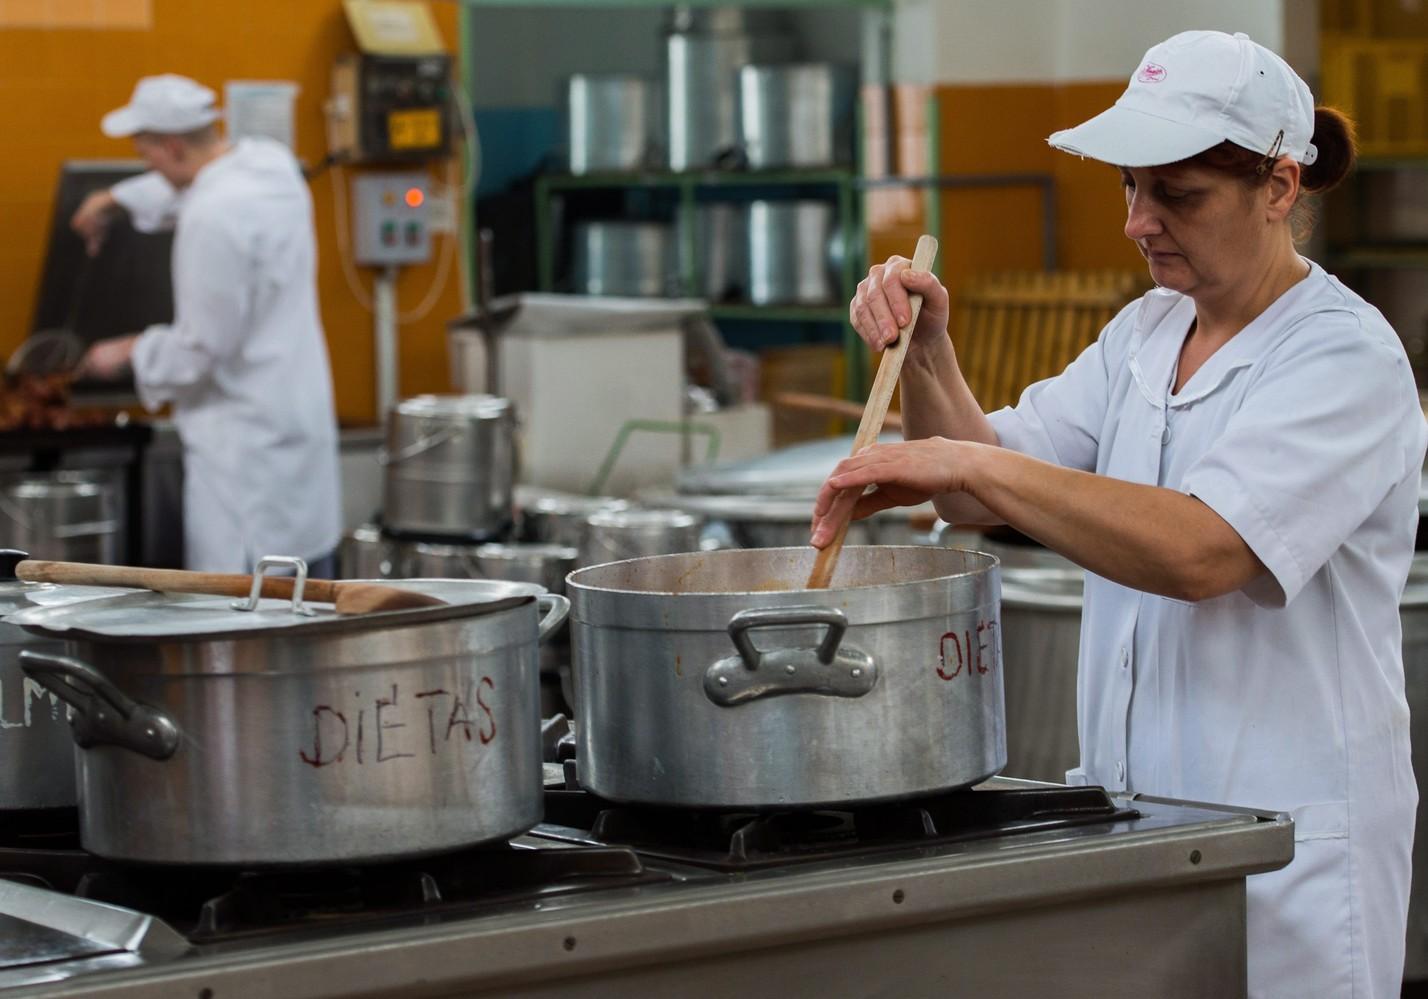 A mintamenzaprogram keretében főzik az ebédet a Junior Vendéglátó Zrt. 36-os üzemében. MTI Fotó: Illyés Tibor